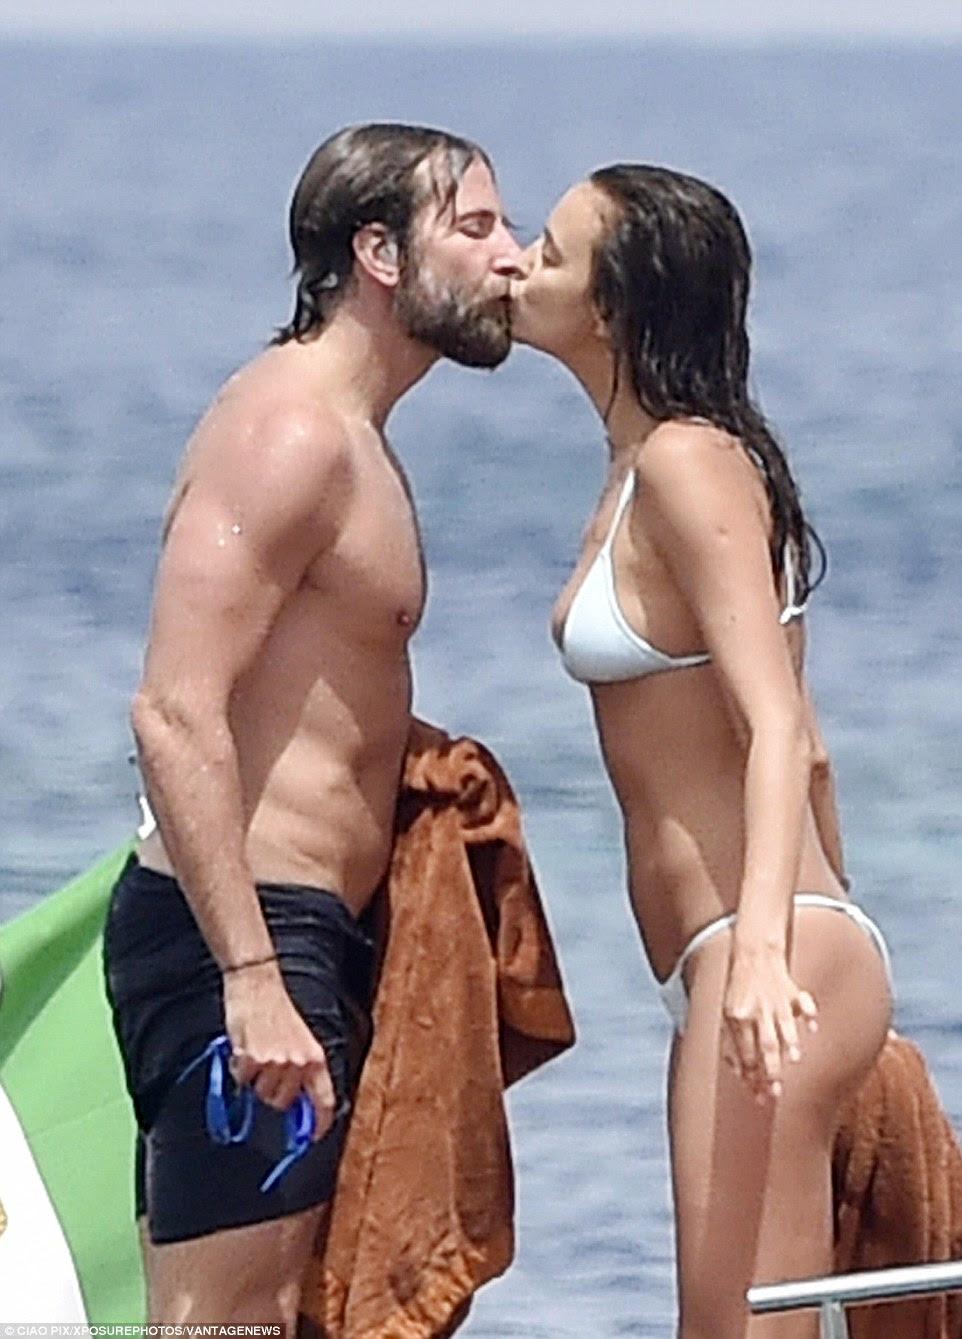 Puckering acima: O casal foi retratado dando um beijo em uma boca de outros como eles se divertir um pouco no sol